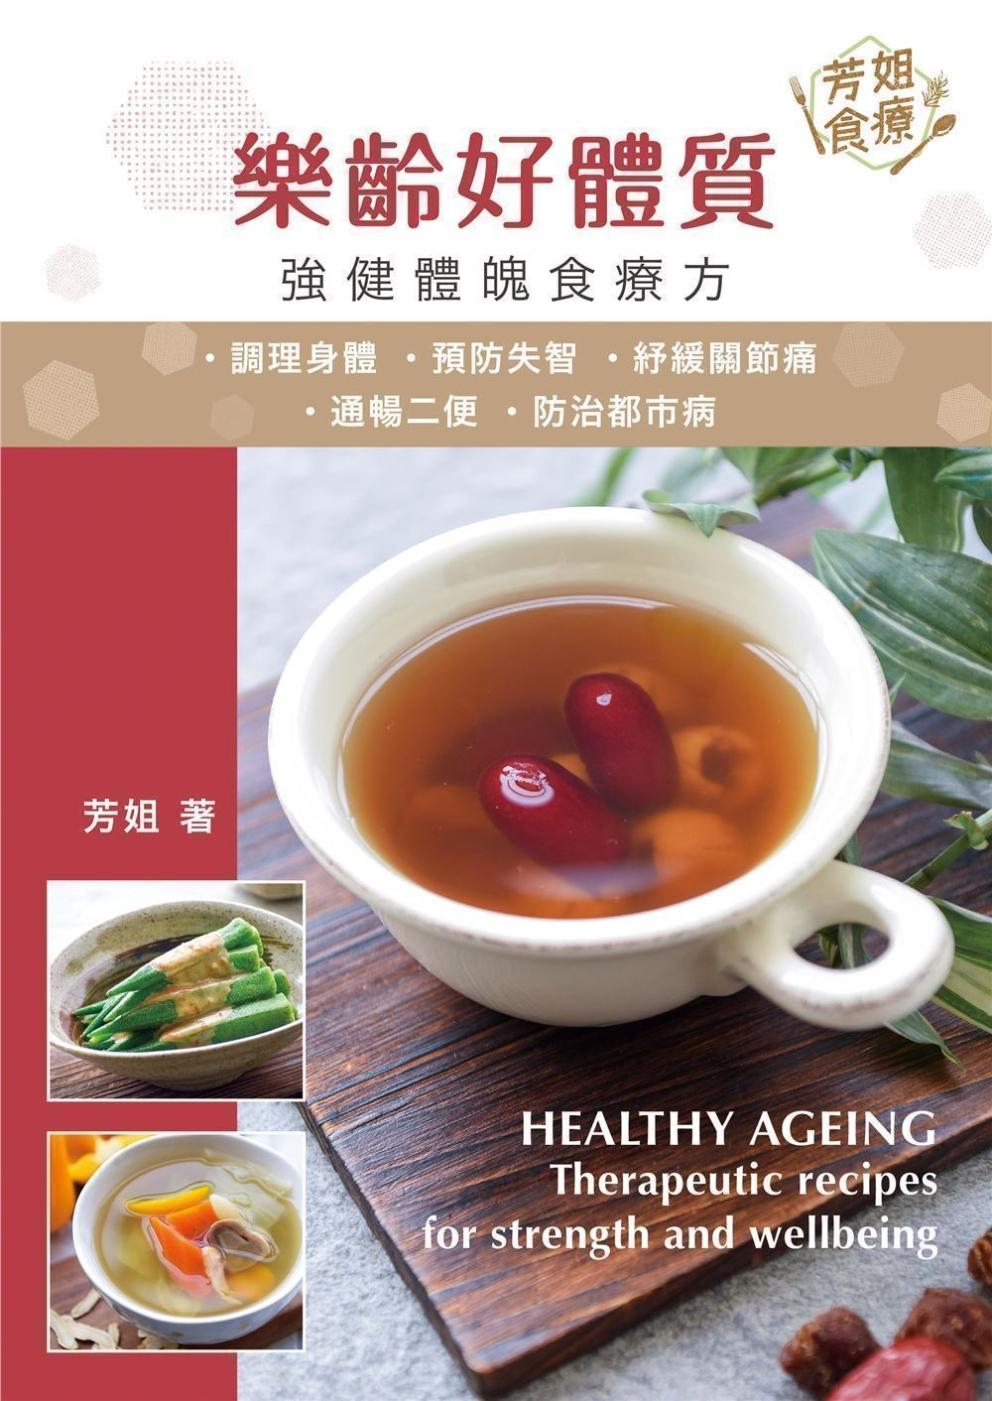 樂齡好體質:強健體魄食療方